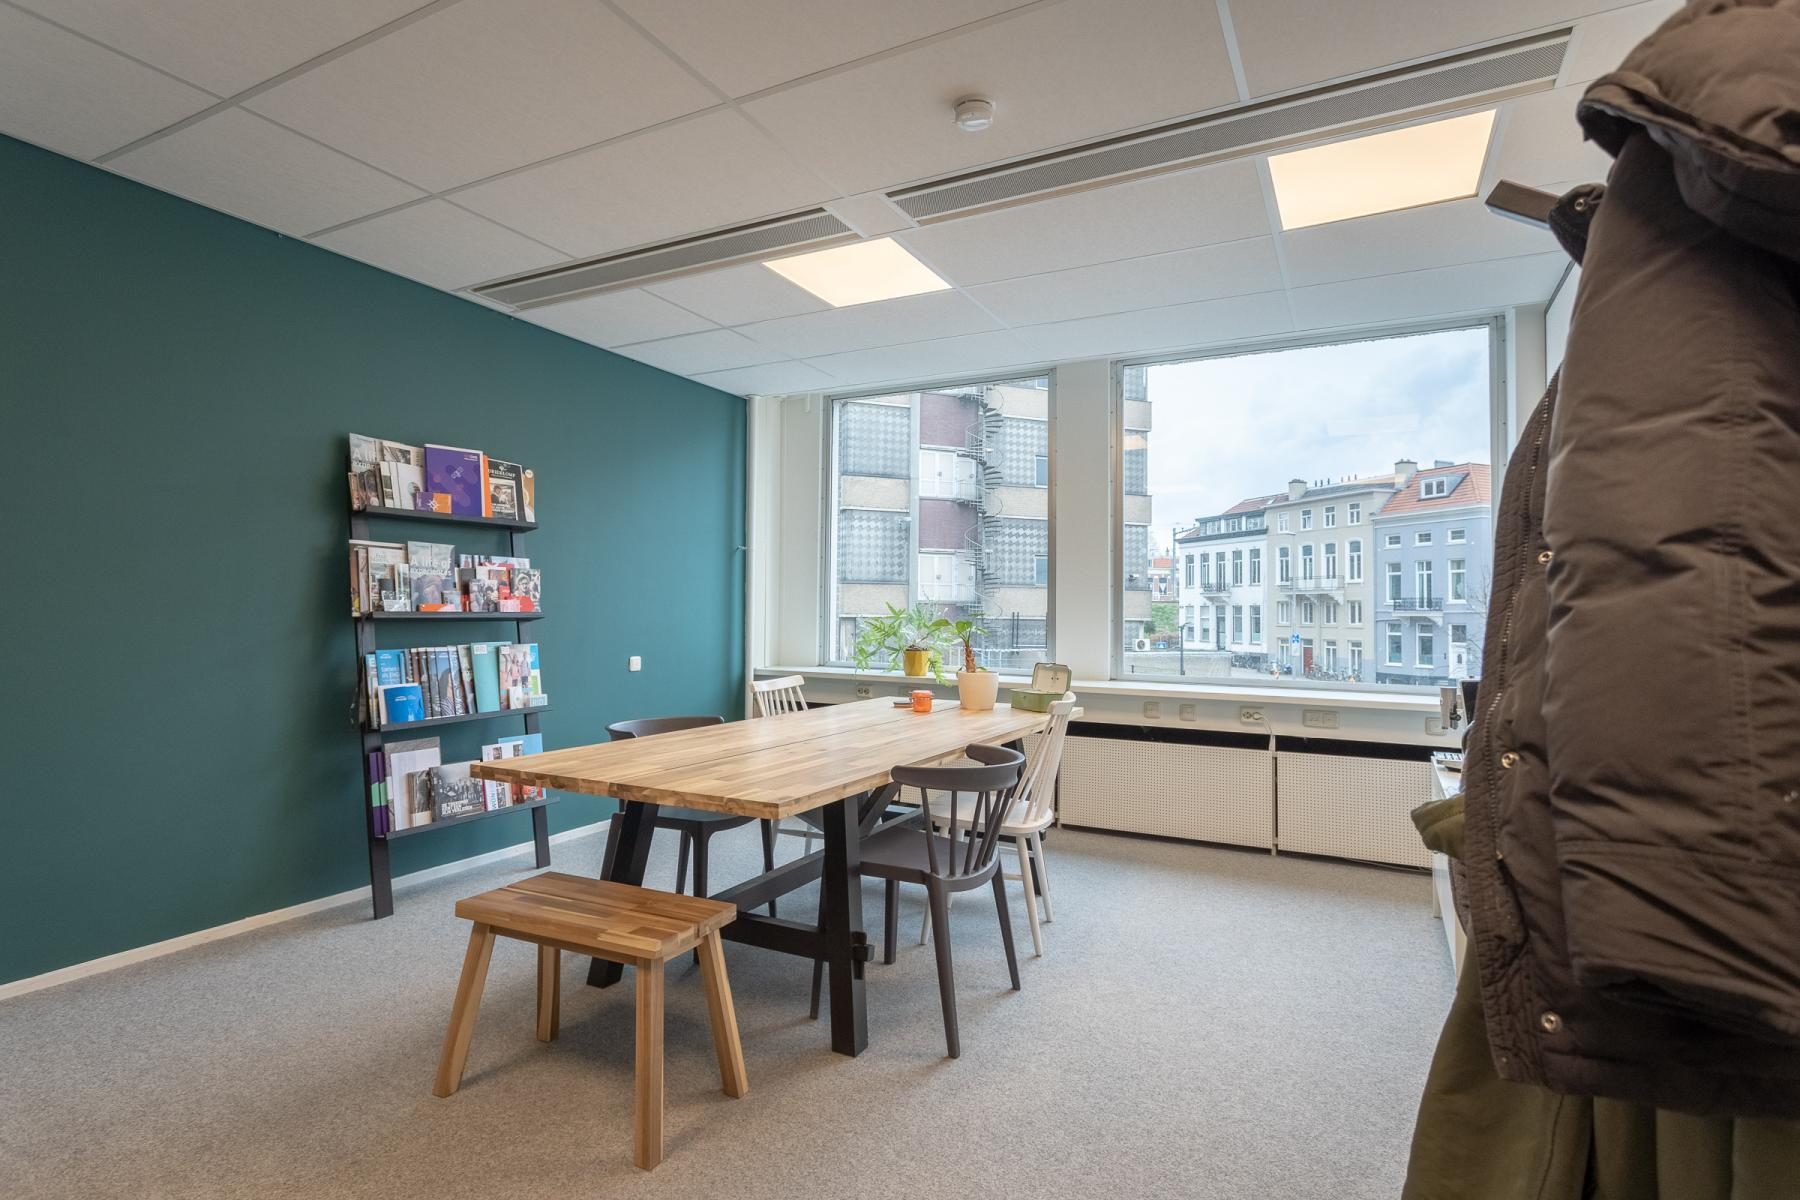 Overlegruimte Arnhem kantoorruimte mooi uitzicht centraal gelegen in het centrum